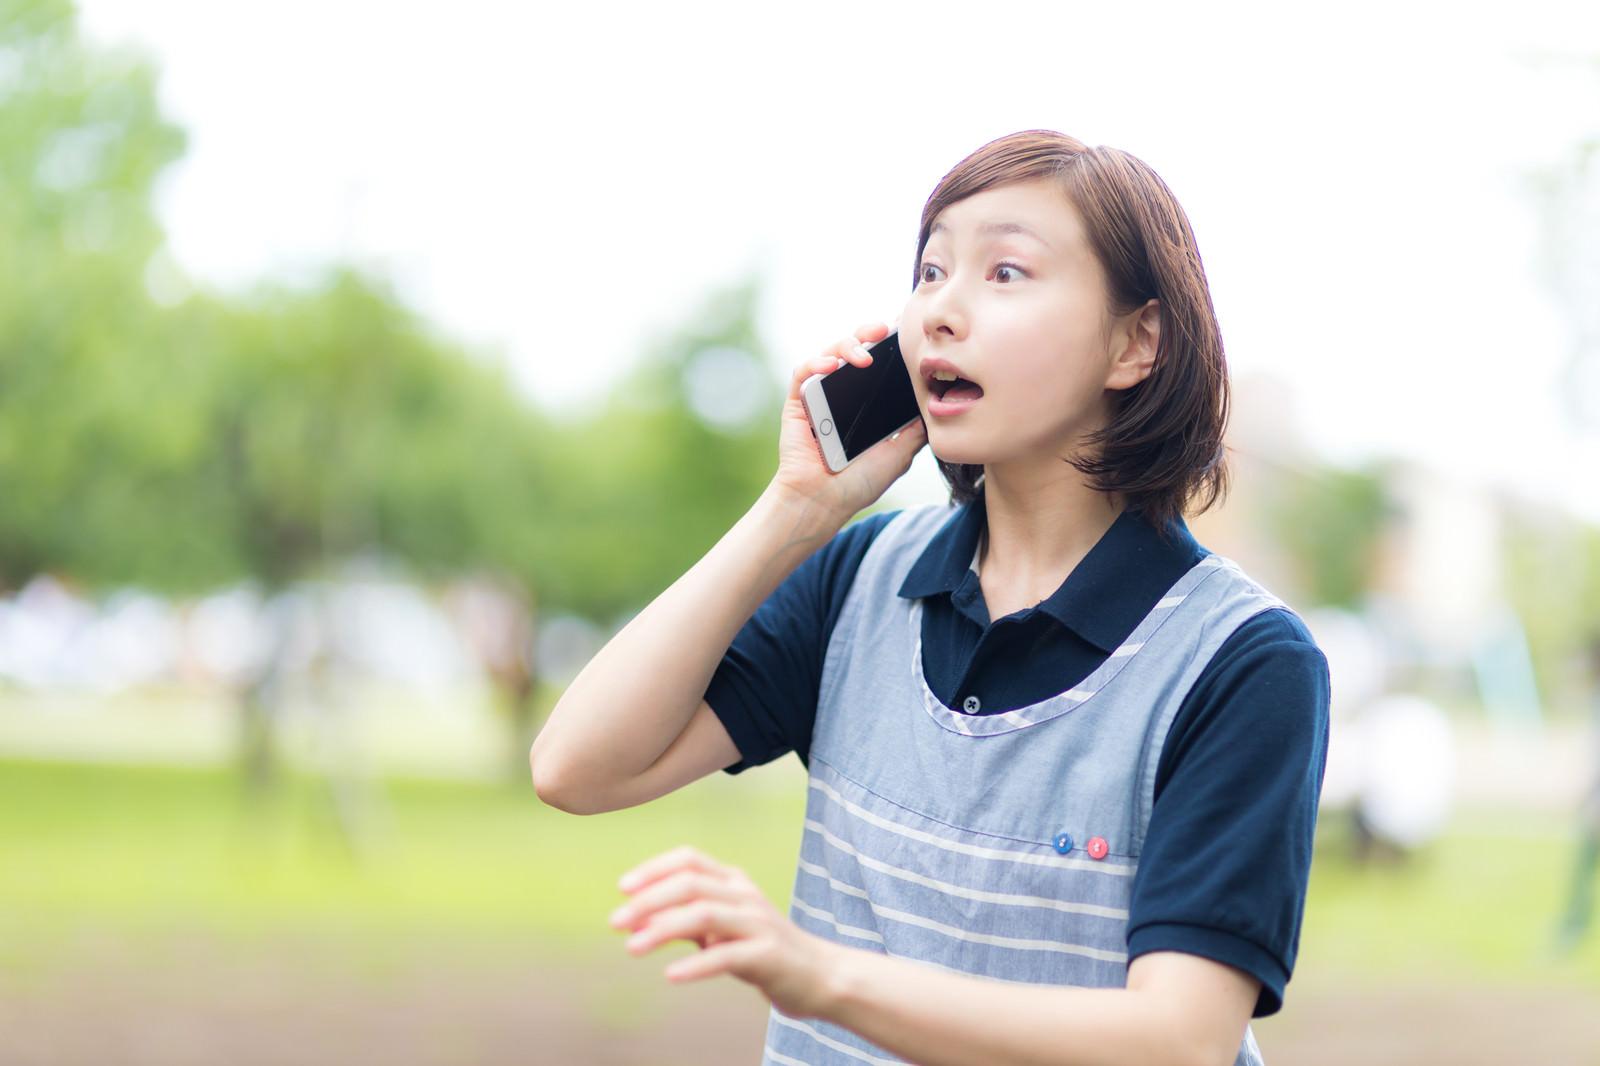 「迷子を発見したと連絡があった介護士」の写真[モデル:yumiko]